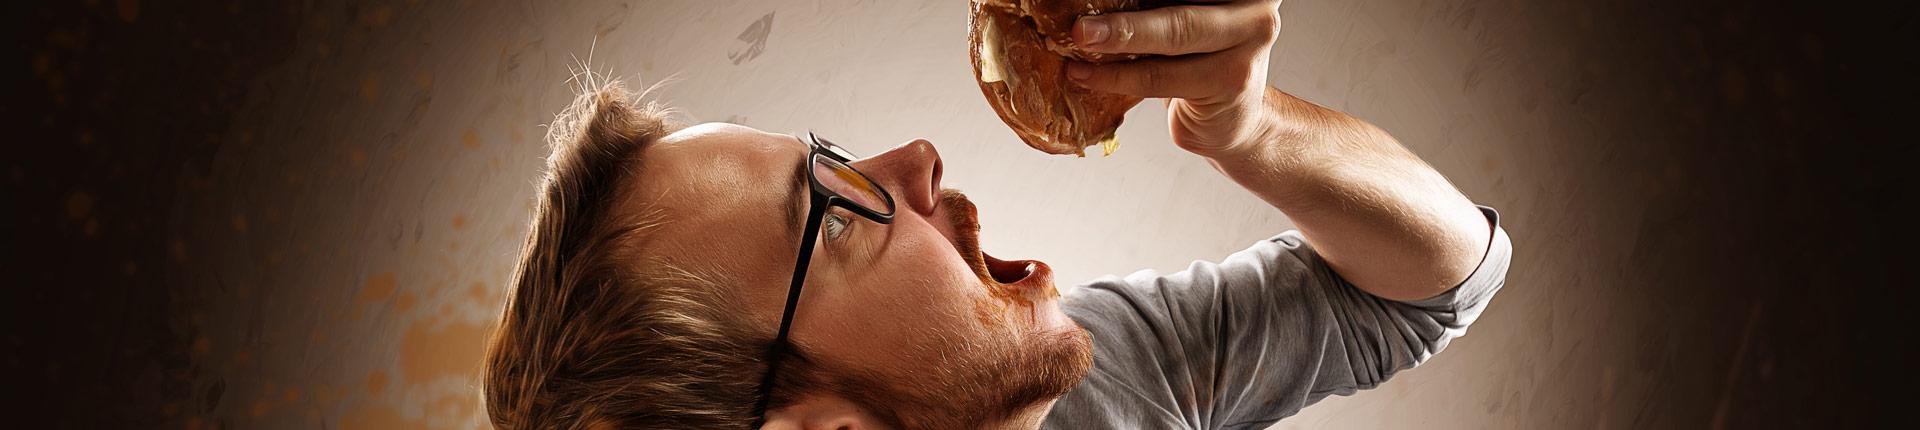 Jak współczesna dieta niszczy Twoje zdrowie